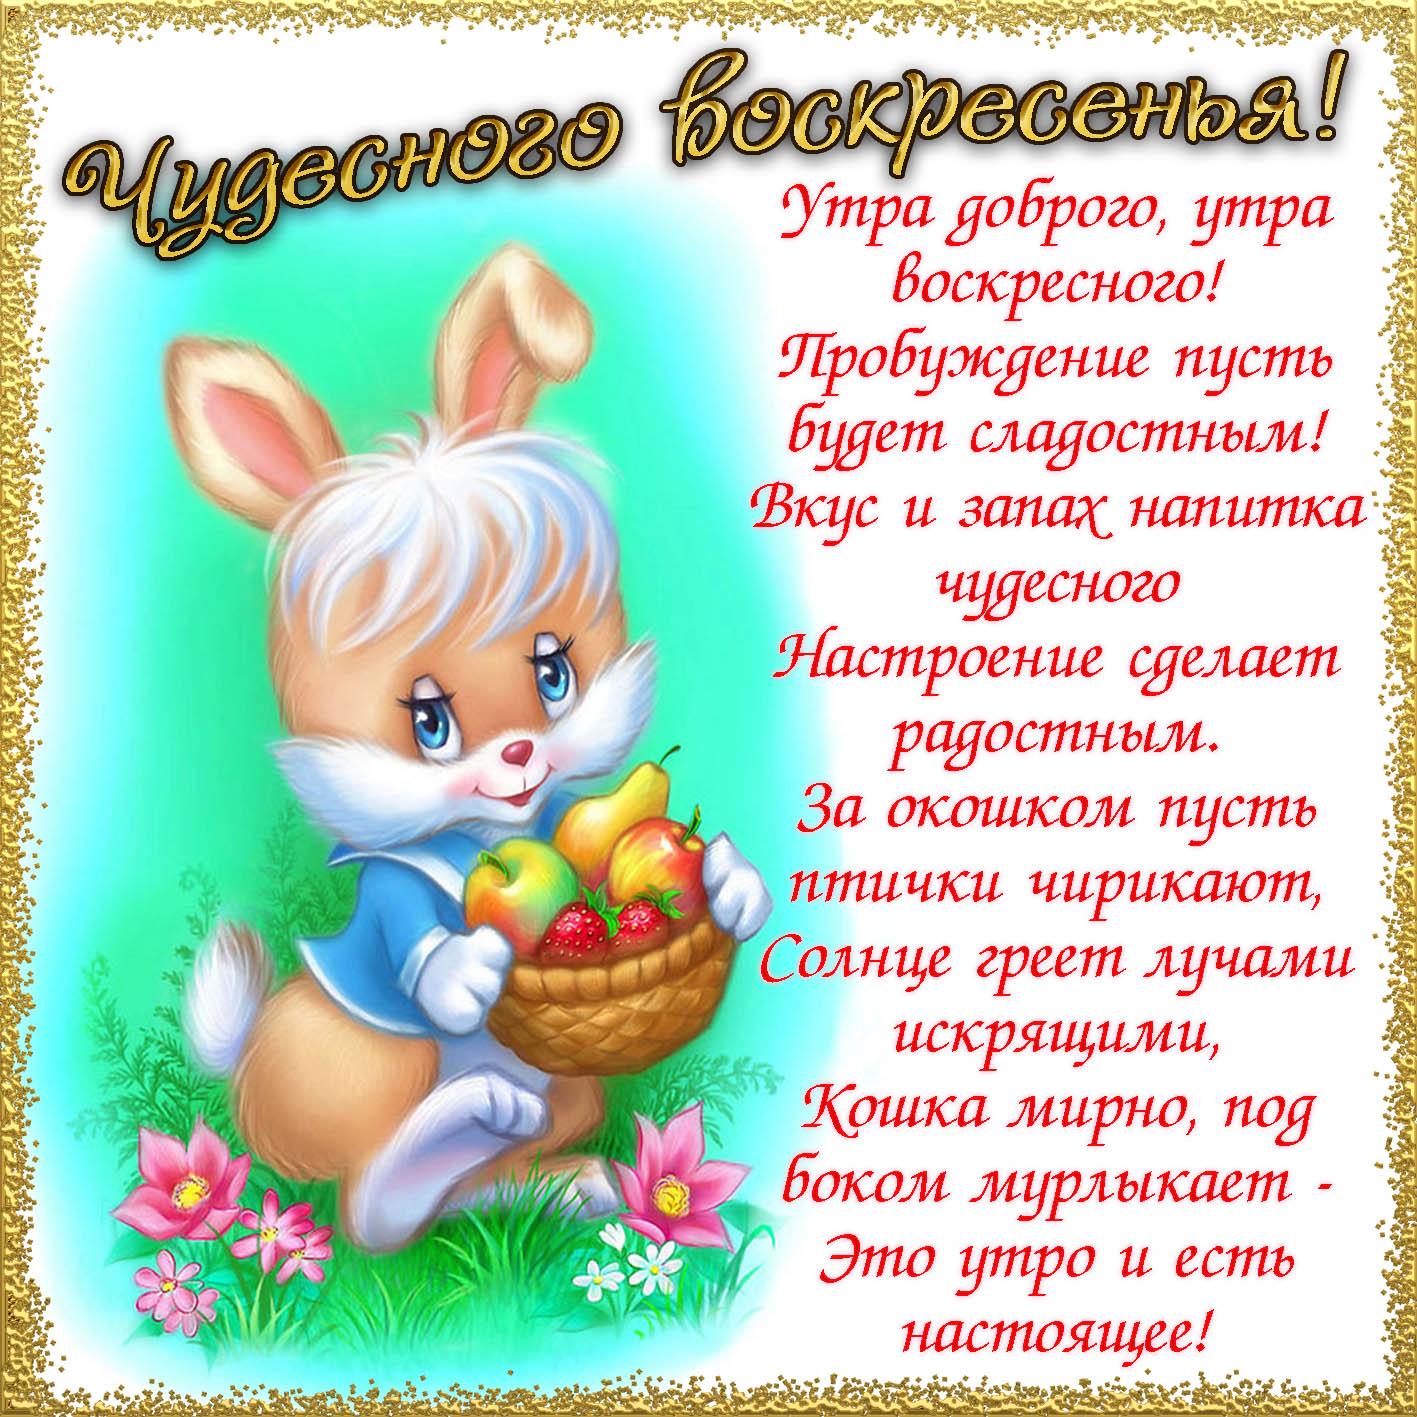 Открытка - зайчик и пожелание чудесного воскресенья